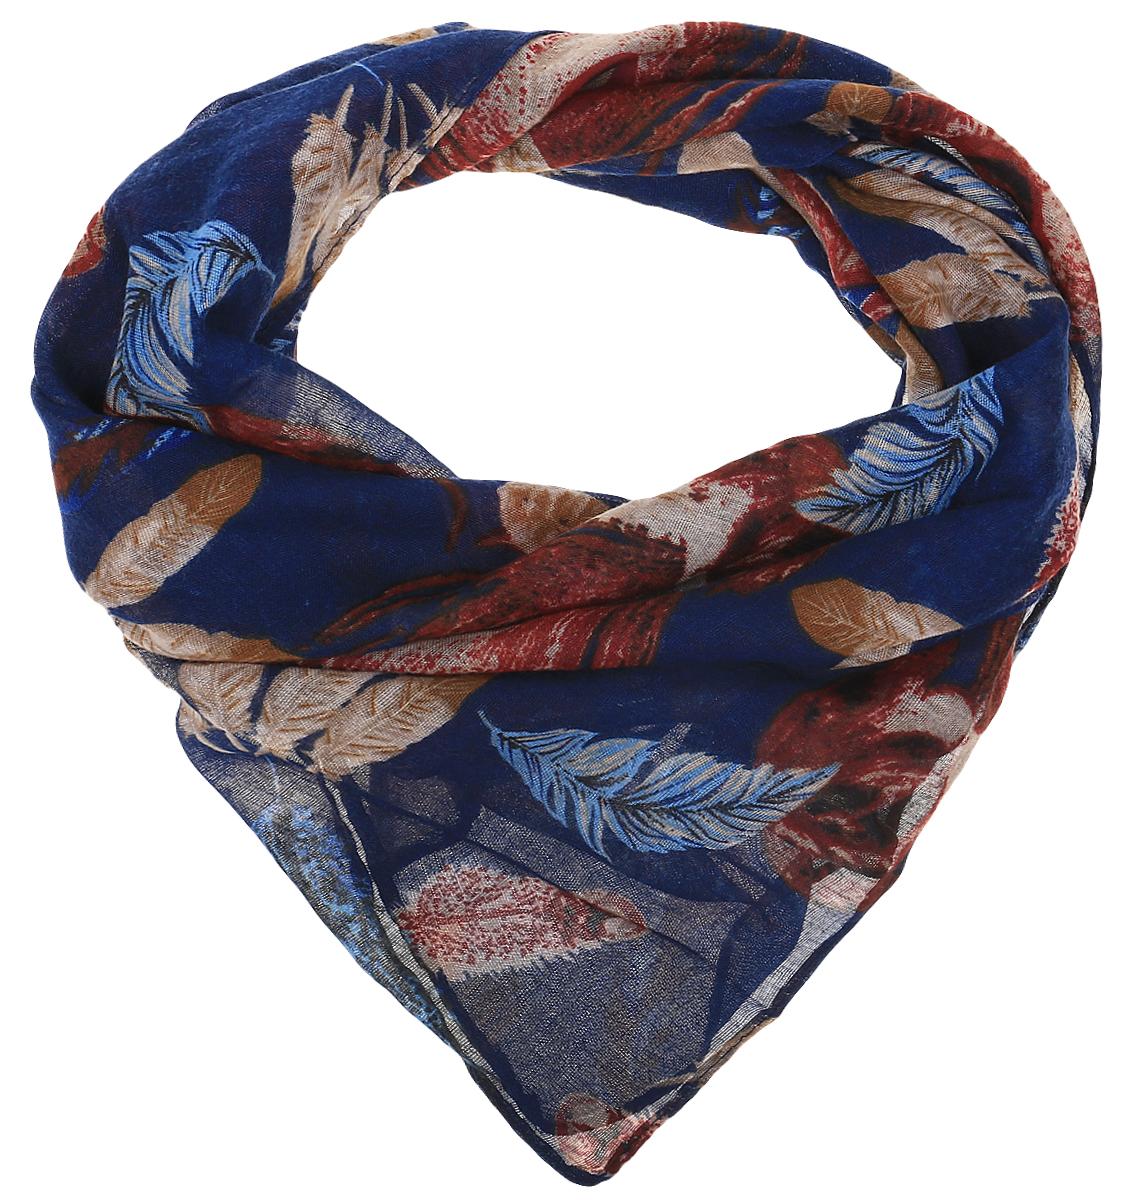 RoFC428-1/BL09-3Стильный женский платок Vita Pelle изготовлен из высококачественного хлопка с добавлением полиэстера и модала. Платок оформлен крупным принтом с изображением перьев. Край отделан швом американка.